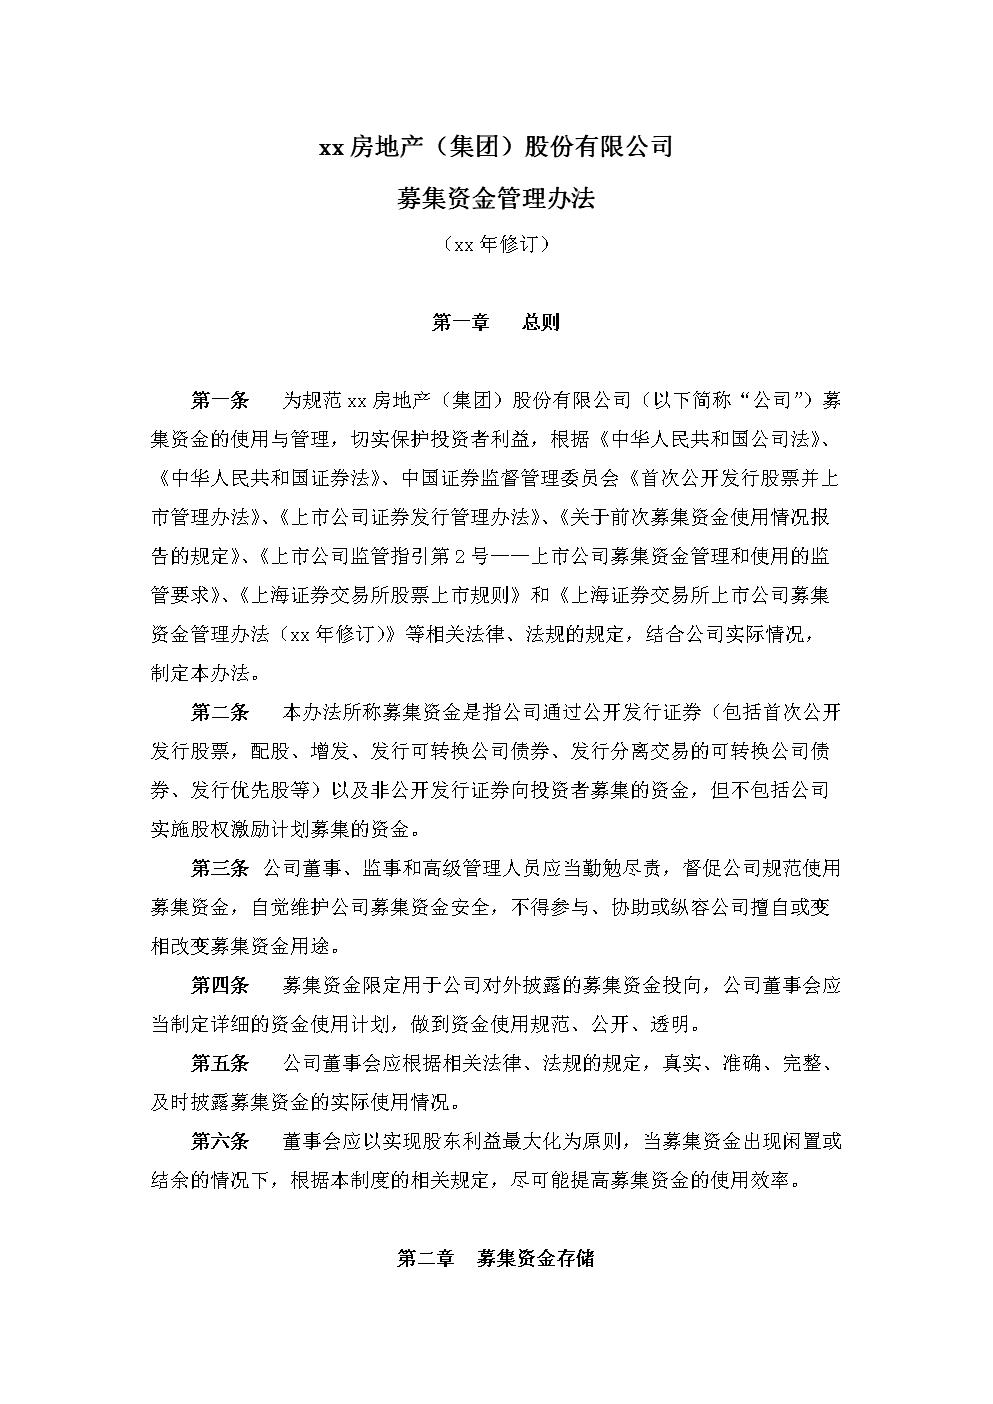 房地产公司募集资金管理办法(修订).doc